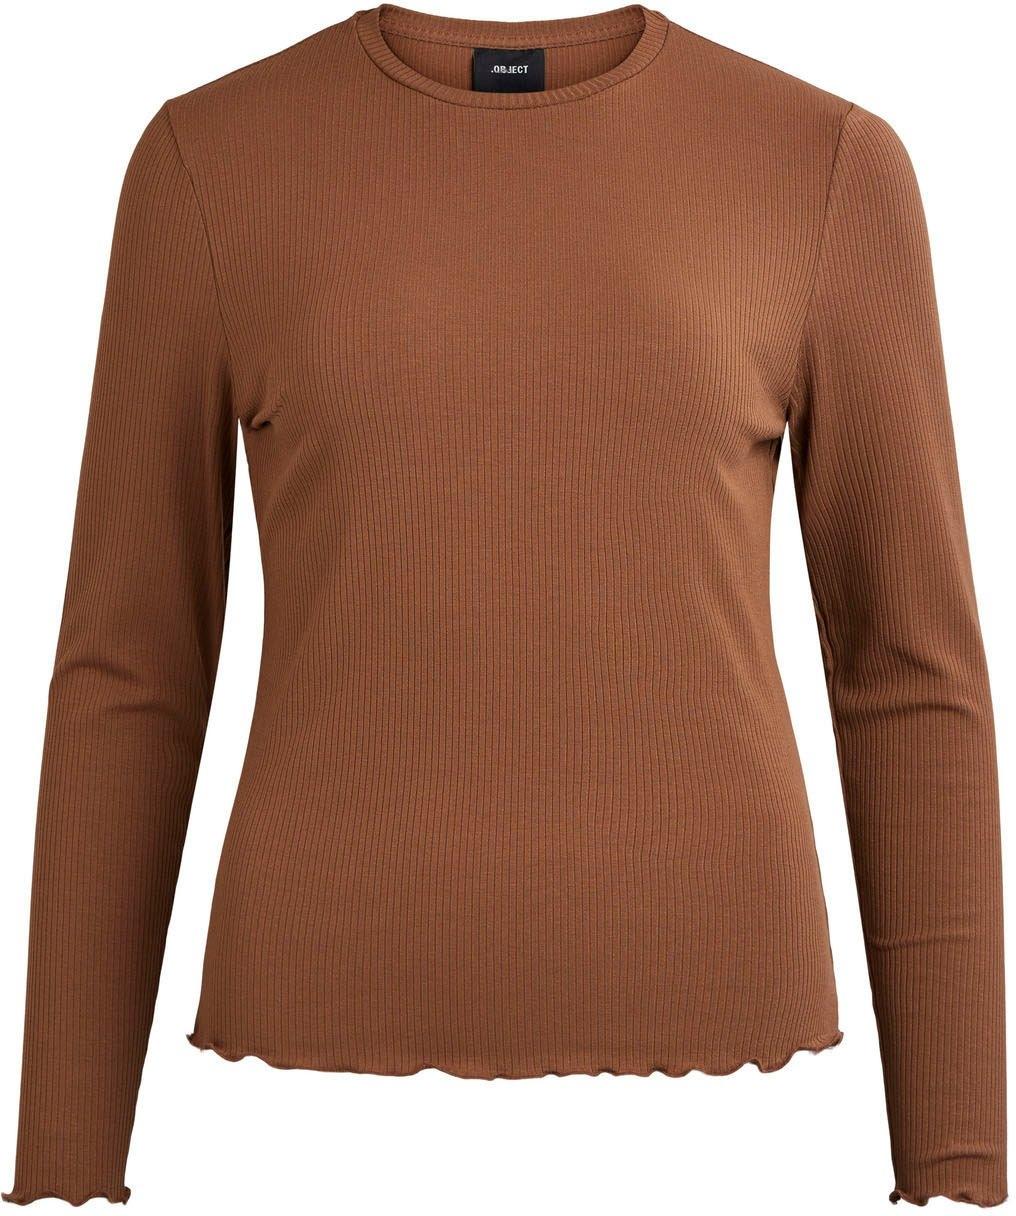 Object shirt met ronde hals met schulprandje bij de zoom en aan de mouwen - verschillende betaalmethodes